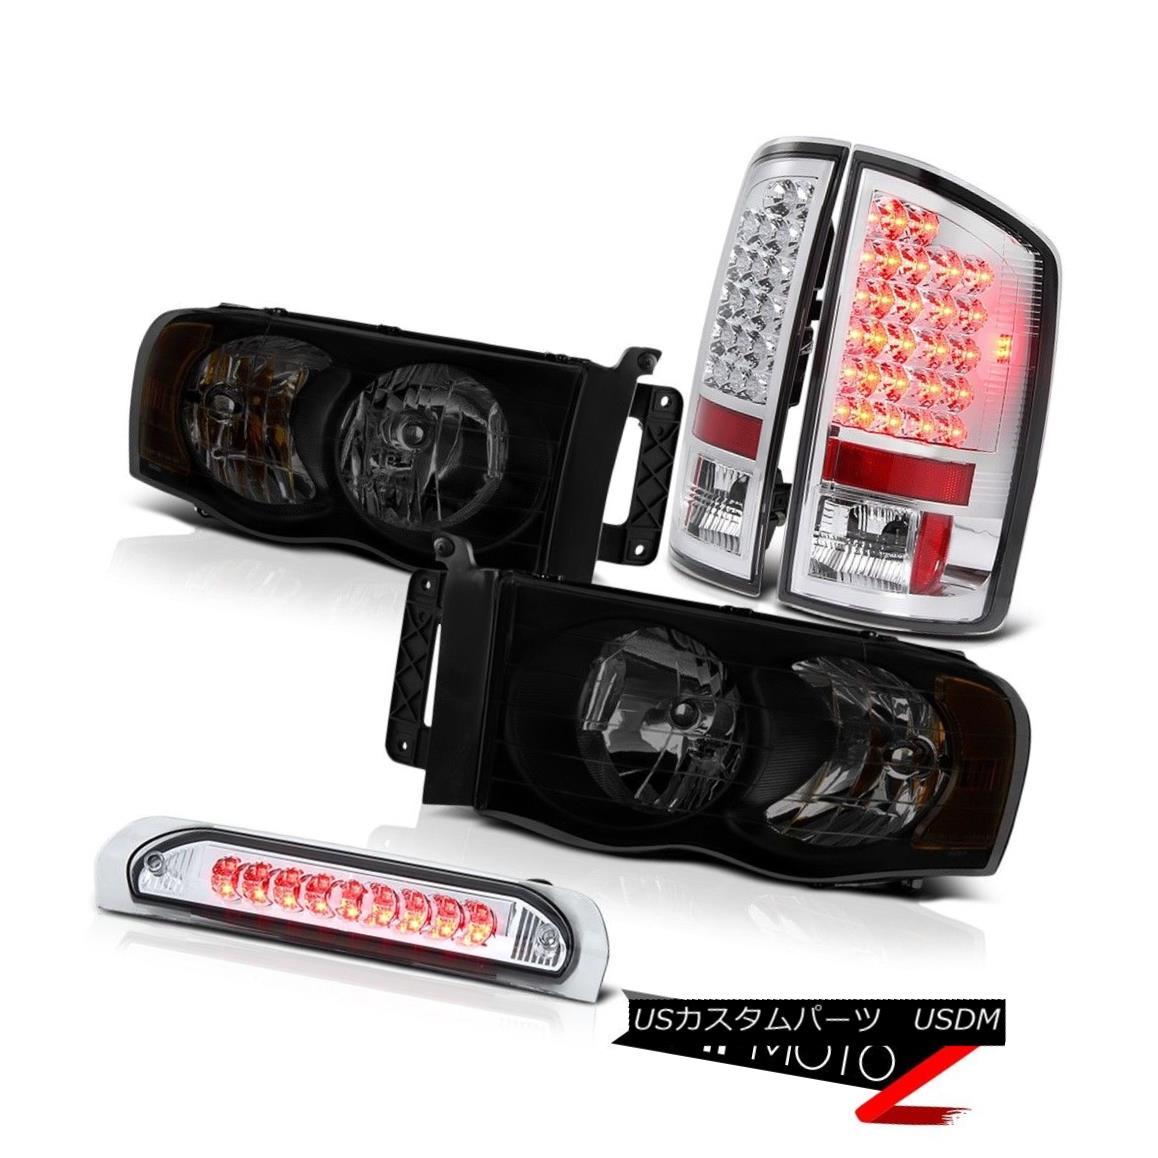 テールライト 02-05 Ram 1500 2500 3500 3.7L Headlamps Euro Chrome 3RD Brake Light Taillights 02-05 Ram 1500 2500 3500ヘッドランプEuro Chrome 3RDブレーキライトテールライト